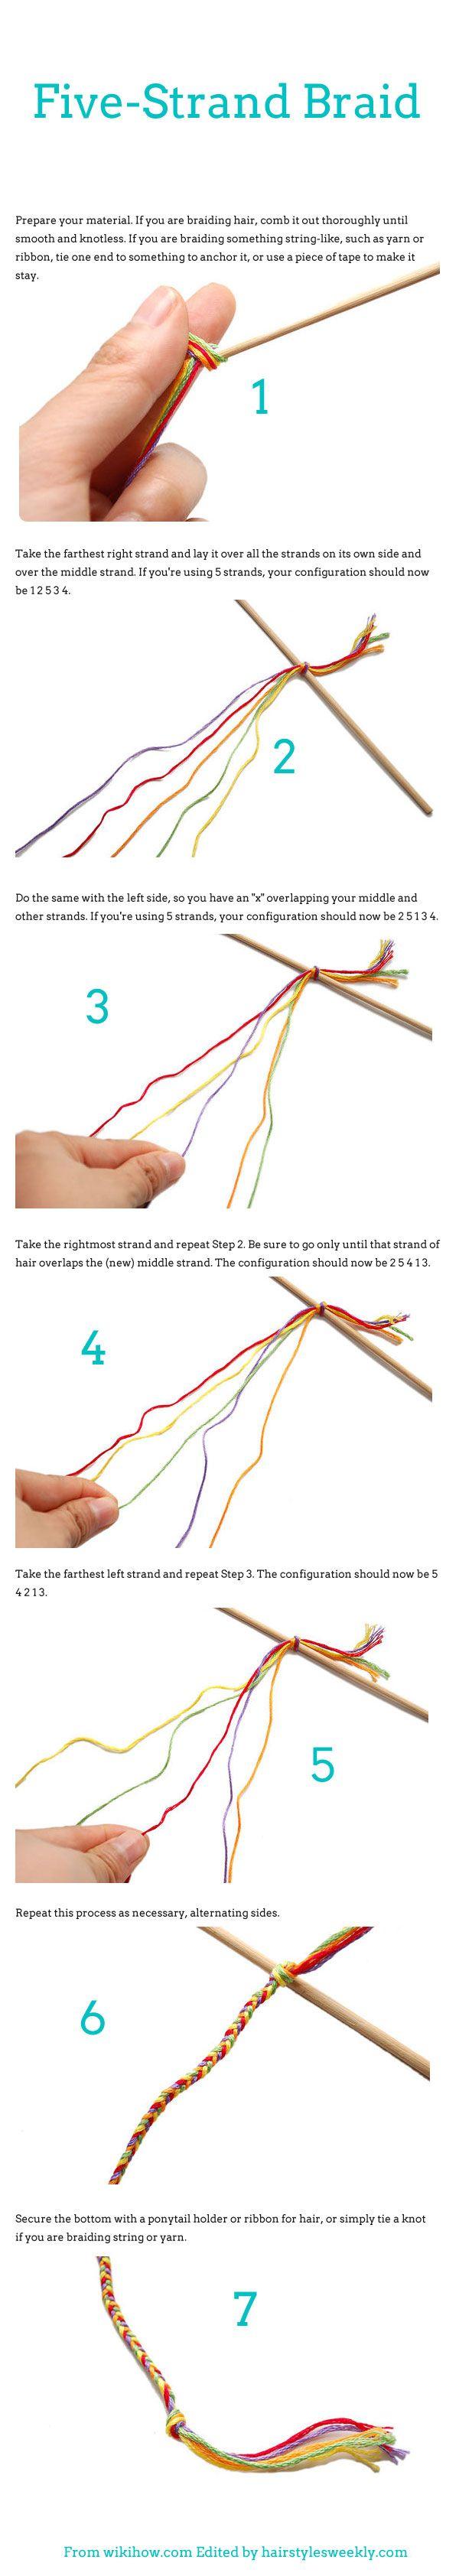 DIY: How To Braid Five Strand Braid Hairstyles | Hairstyles Weekly